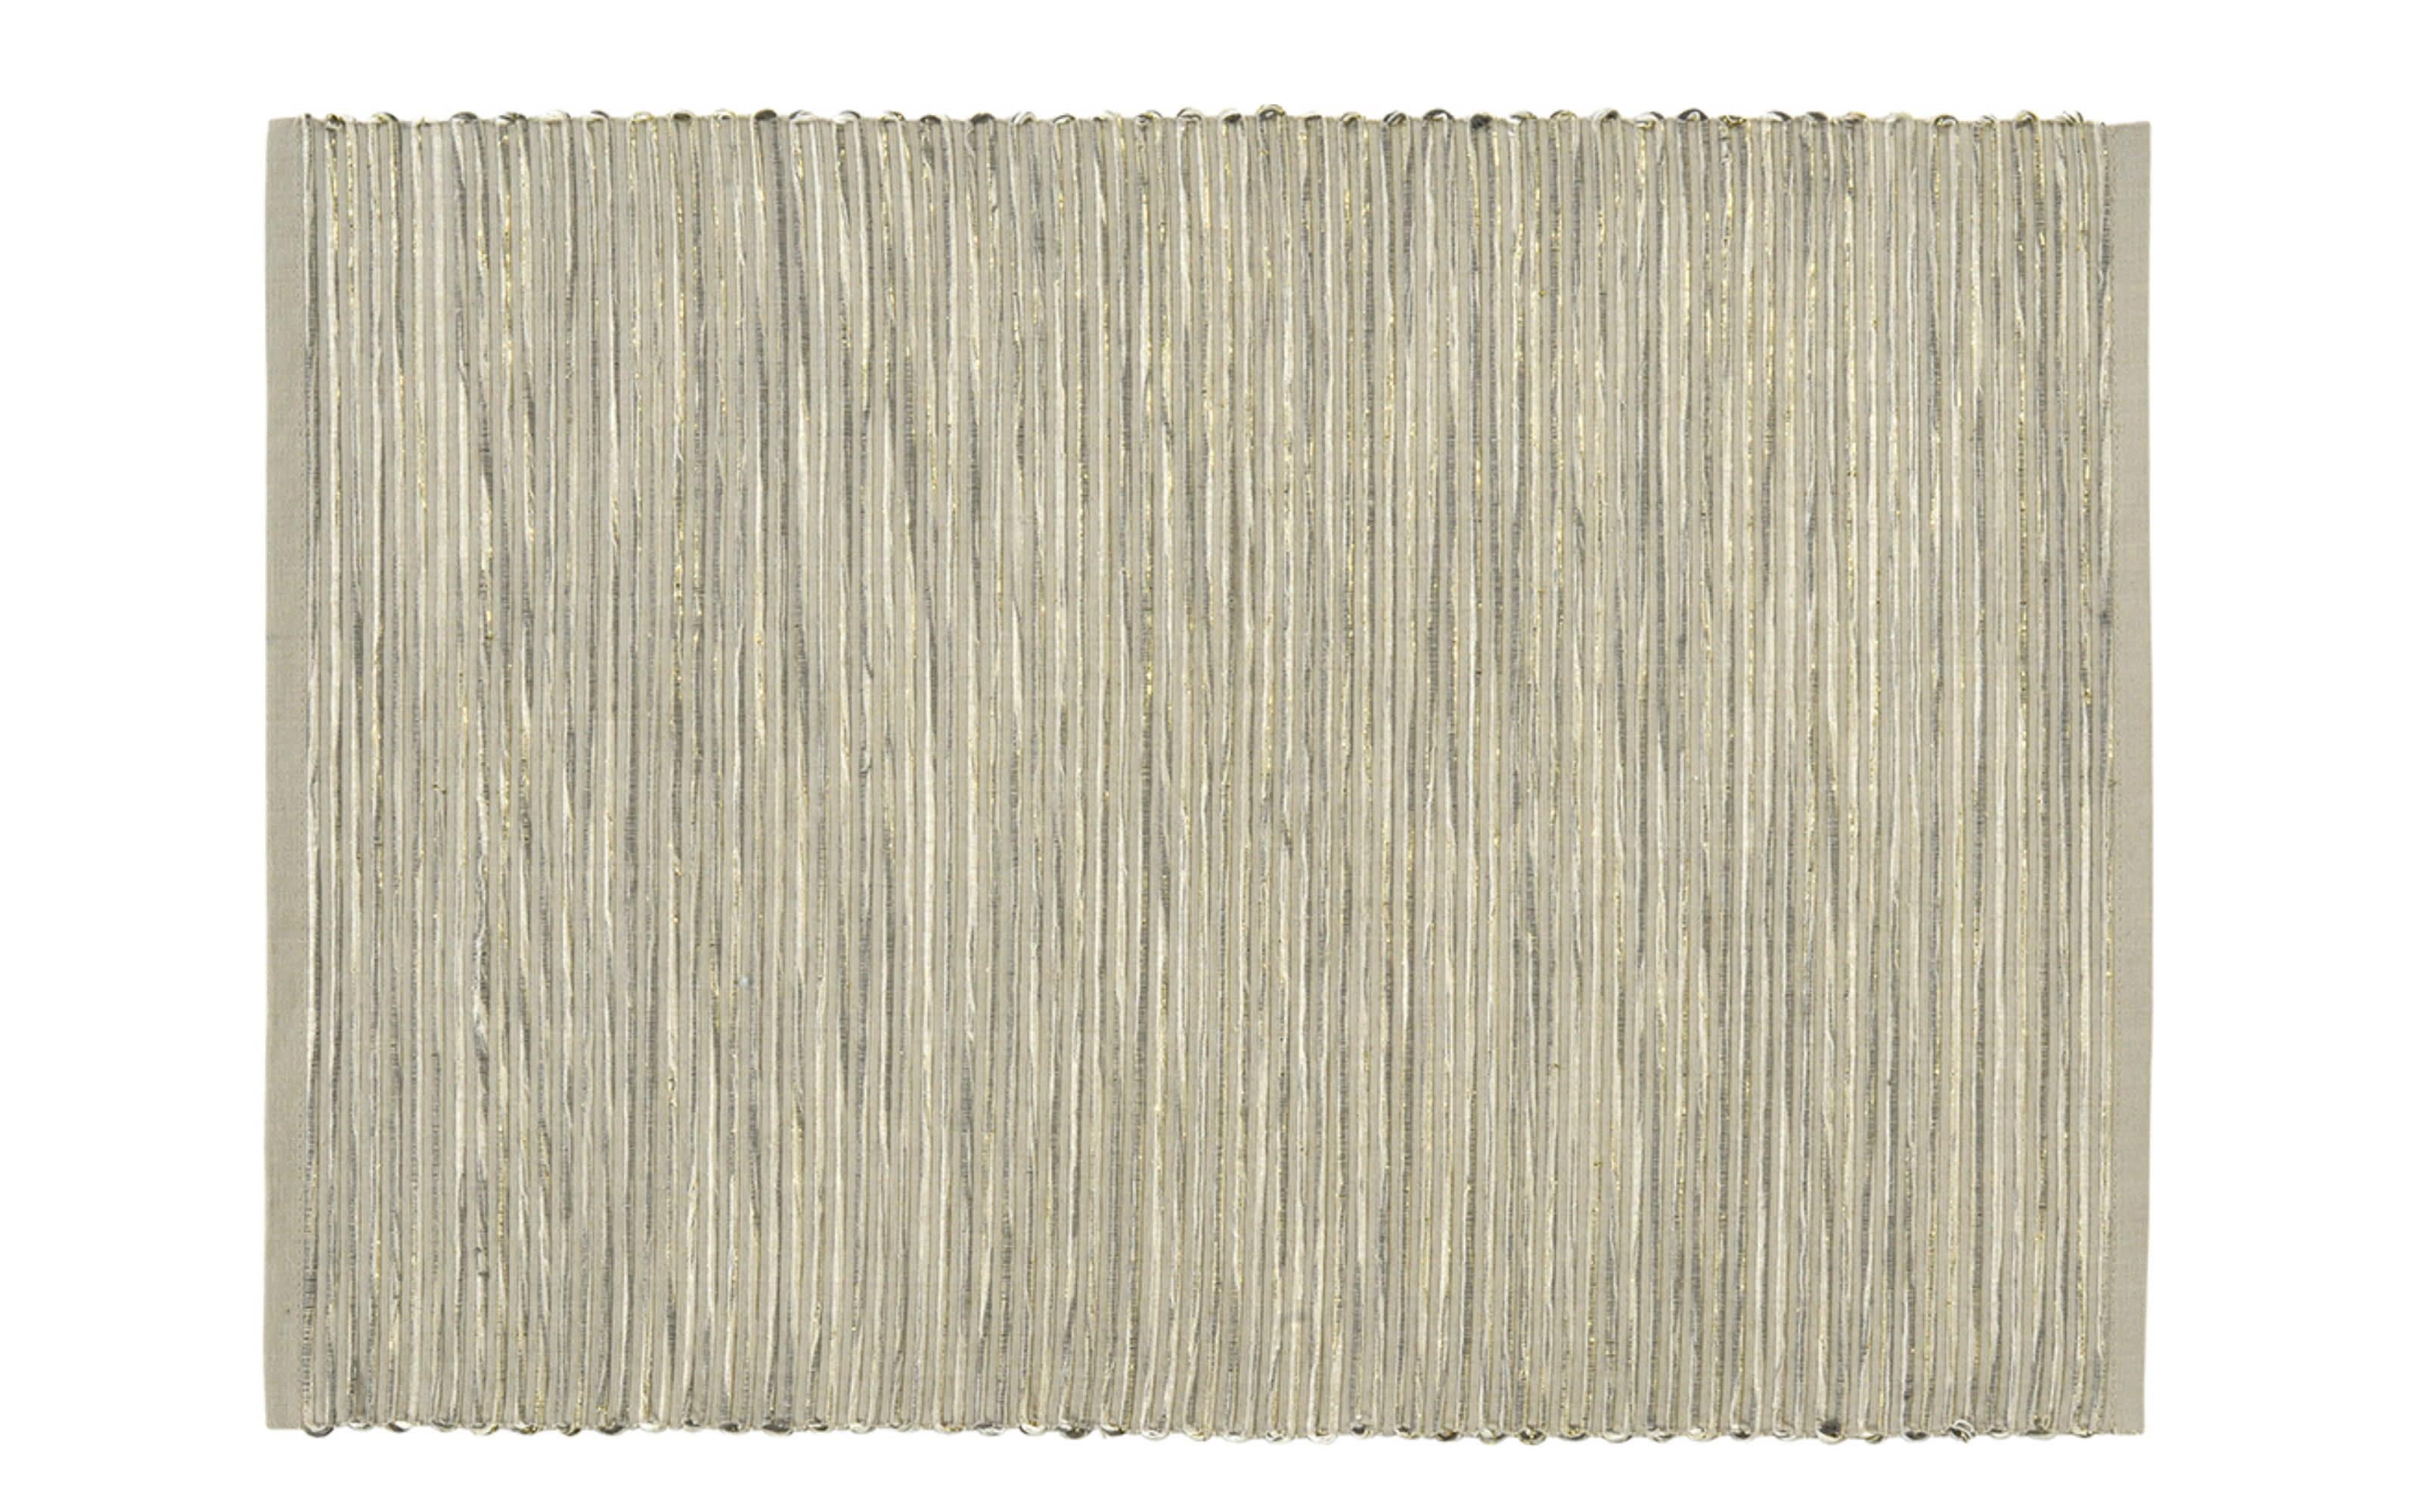 Tischset Winter Breeze in rock, 35 x 50 cm